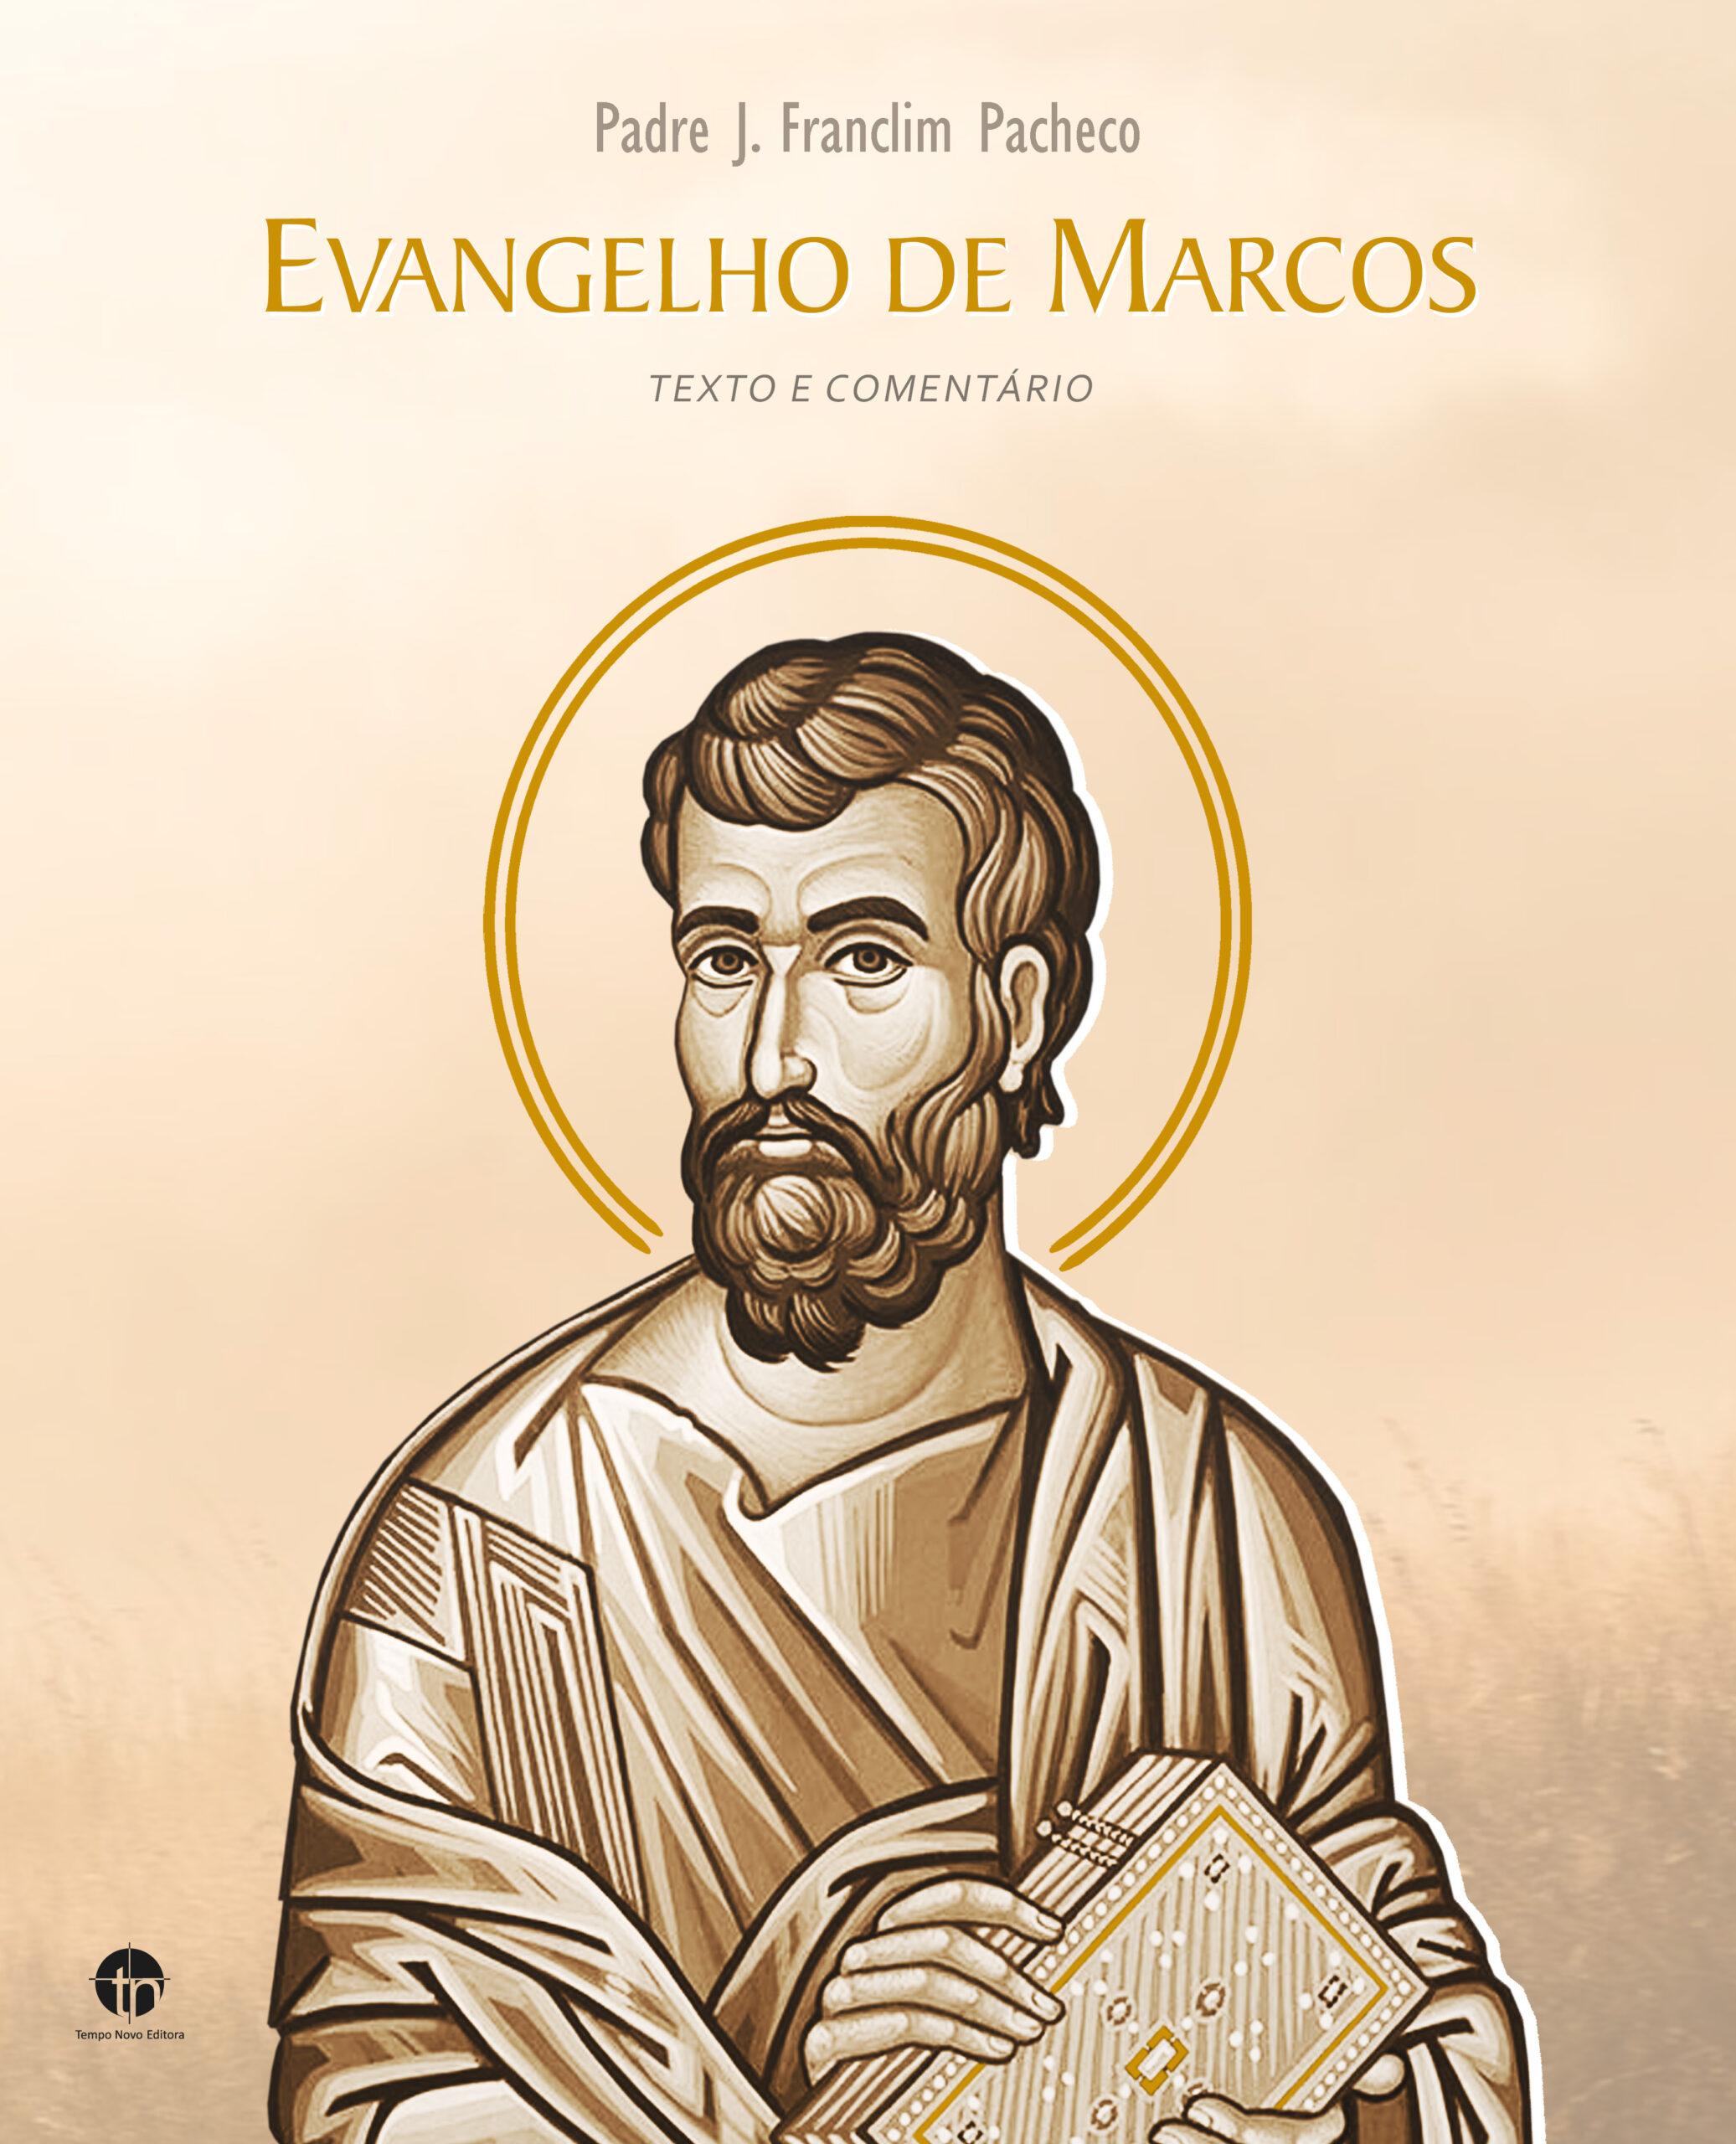 ilustração da CAPA DO LIVRO_Evangelho São Marcos_P.FRANCLIM